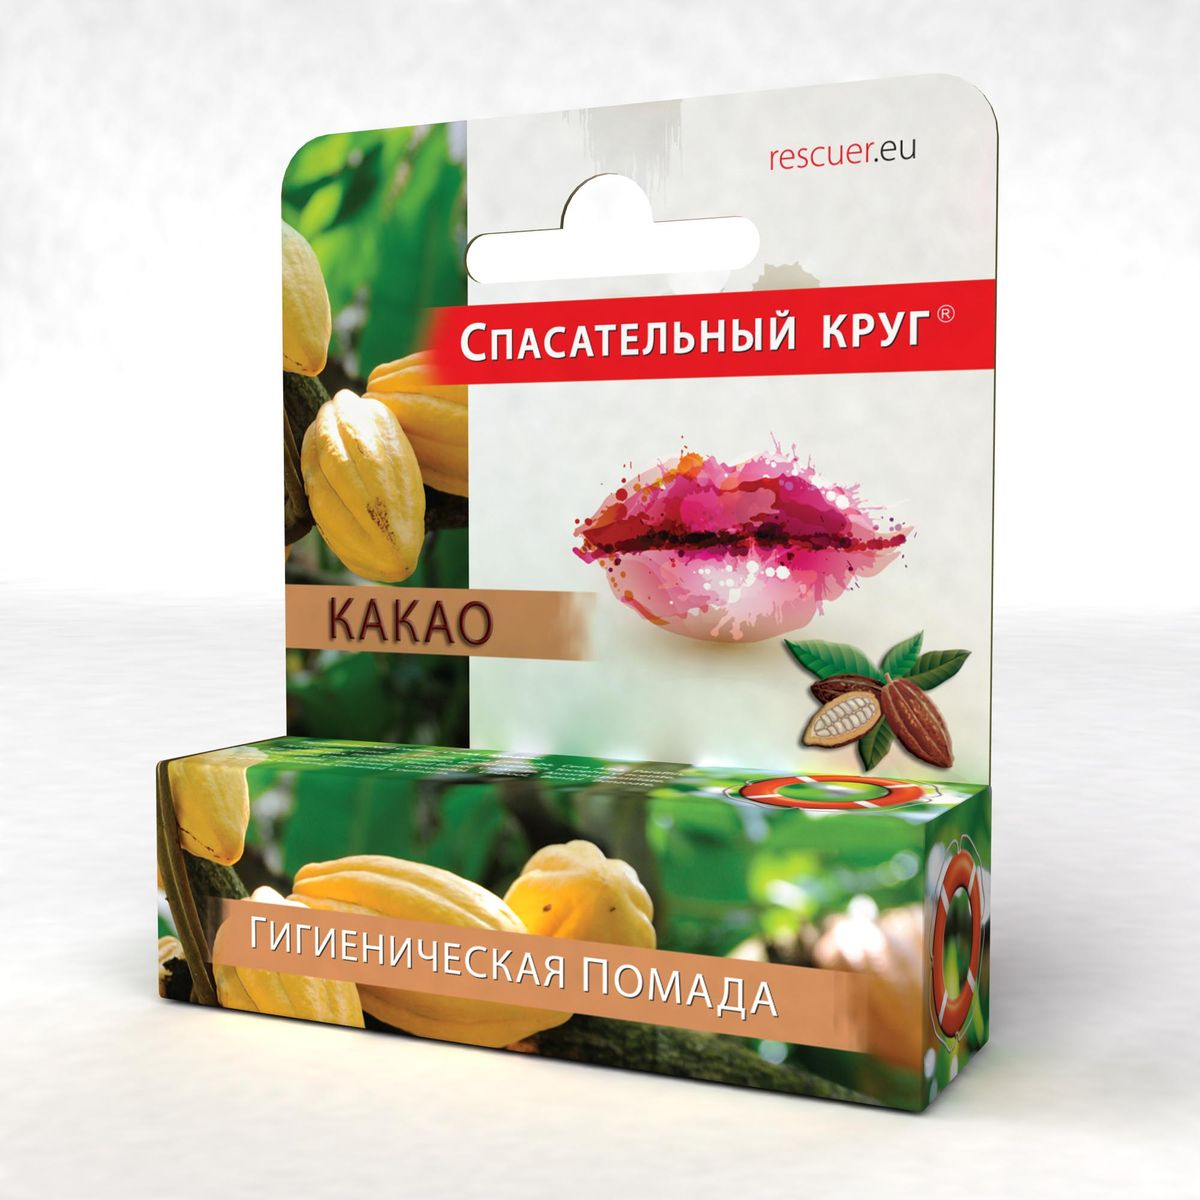 Спасательный круг Гигиеническая помада Какао, 4,6 млSKP01Обладает интенсивными защитными и антисептическими свойствами. Эффективно восстанавливает и успокаивает кожу. Смягчает, увлажняет и питает кожу губ. Помада может быть рекомендована как профилактическое средство при герпесе. В сезон холодов эффективно защищает губы от неблагоприятного воздействия окружающей среды.